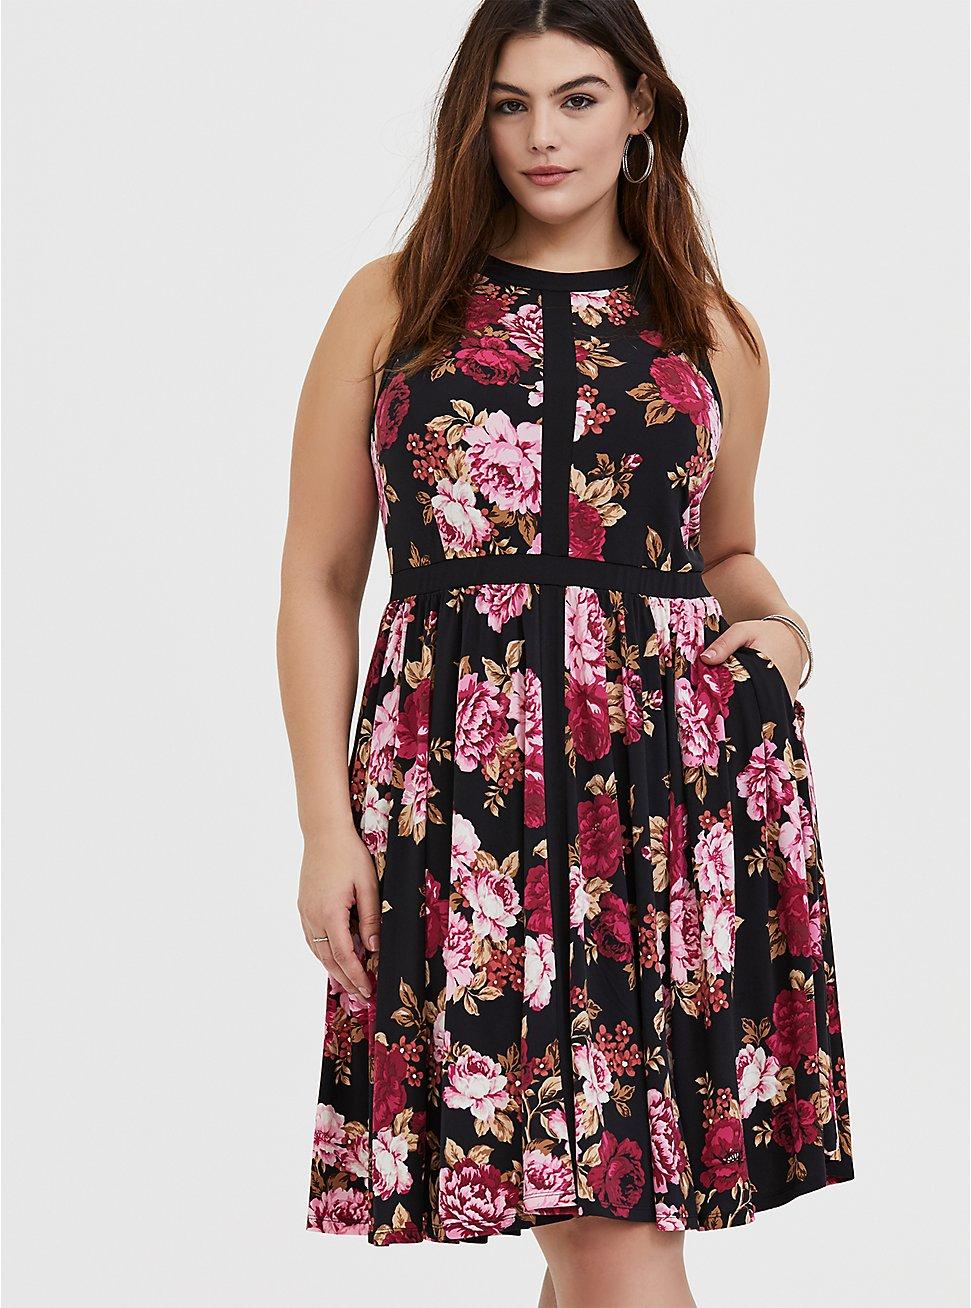 Black Floral Studio Knit High Neck Above-the-Knee Skater Dress, FLORAL - BLACK, hi-res